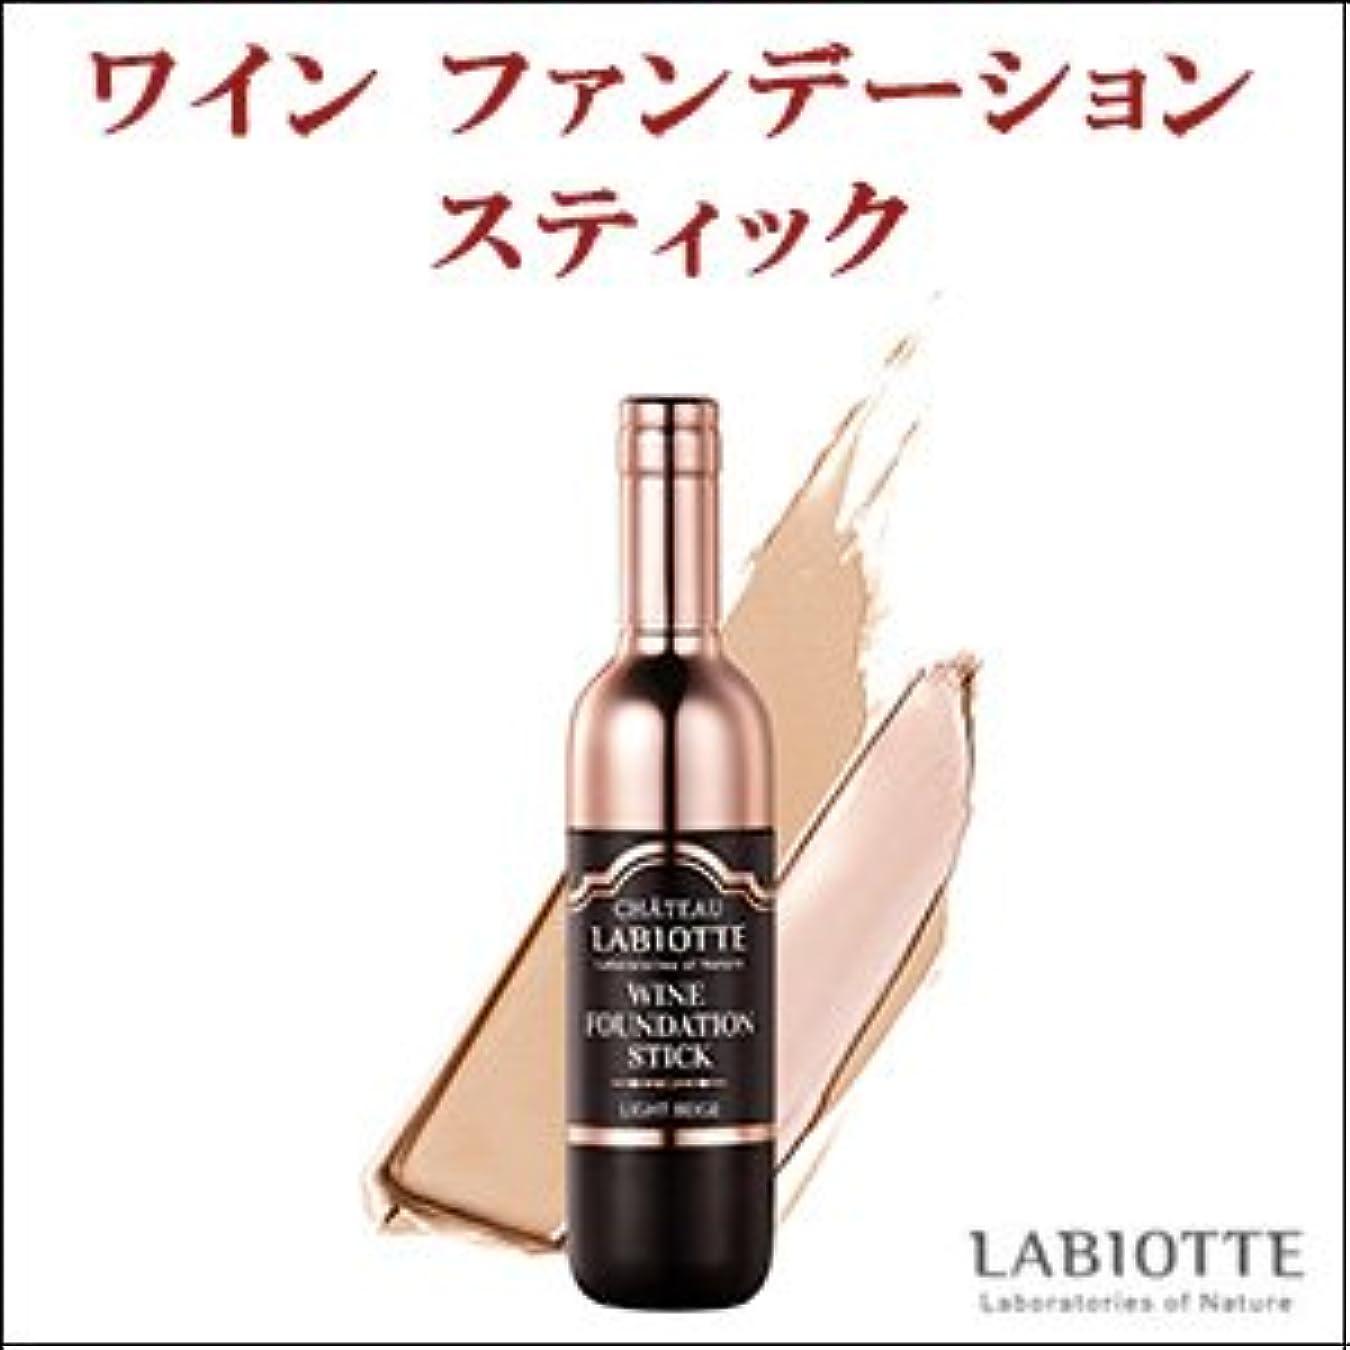 軍艦異議巨大なLABIOTTE シャトー ラビオッテ ワイン ファンデーション スティック カラー:BE21 ライトベージュ